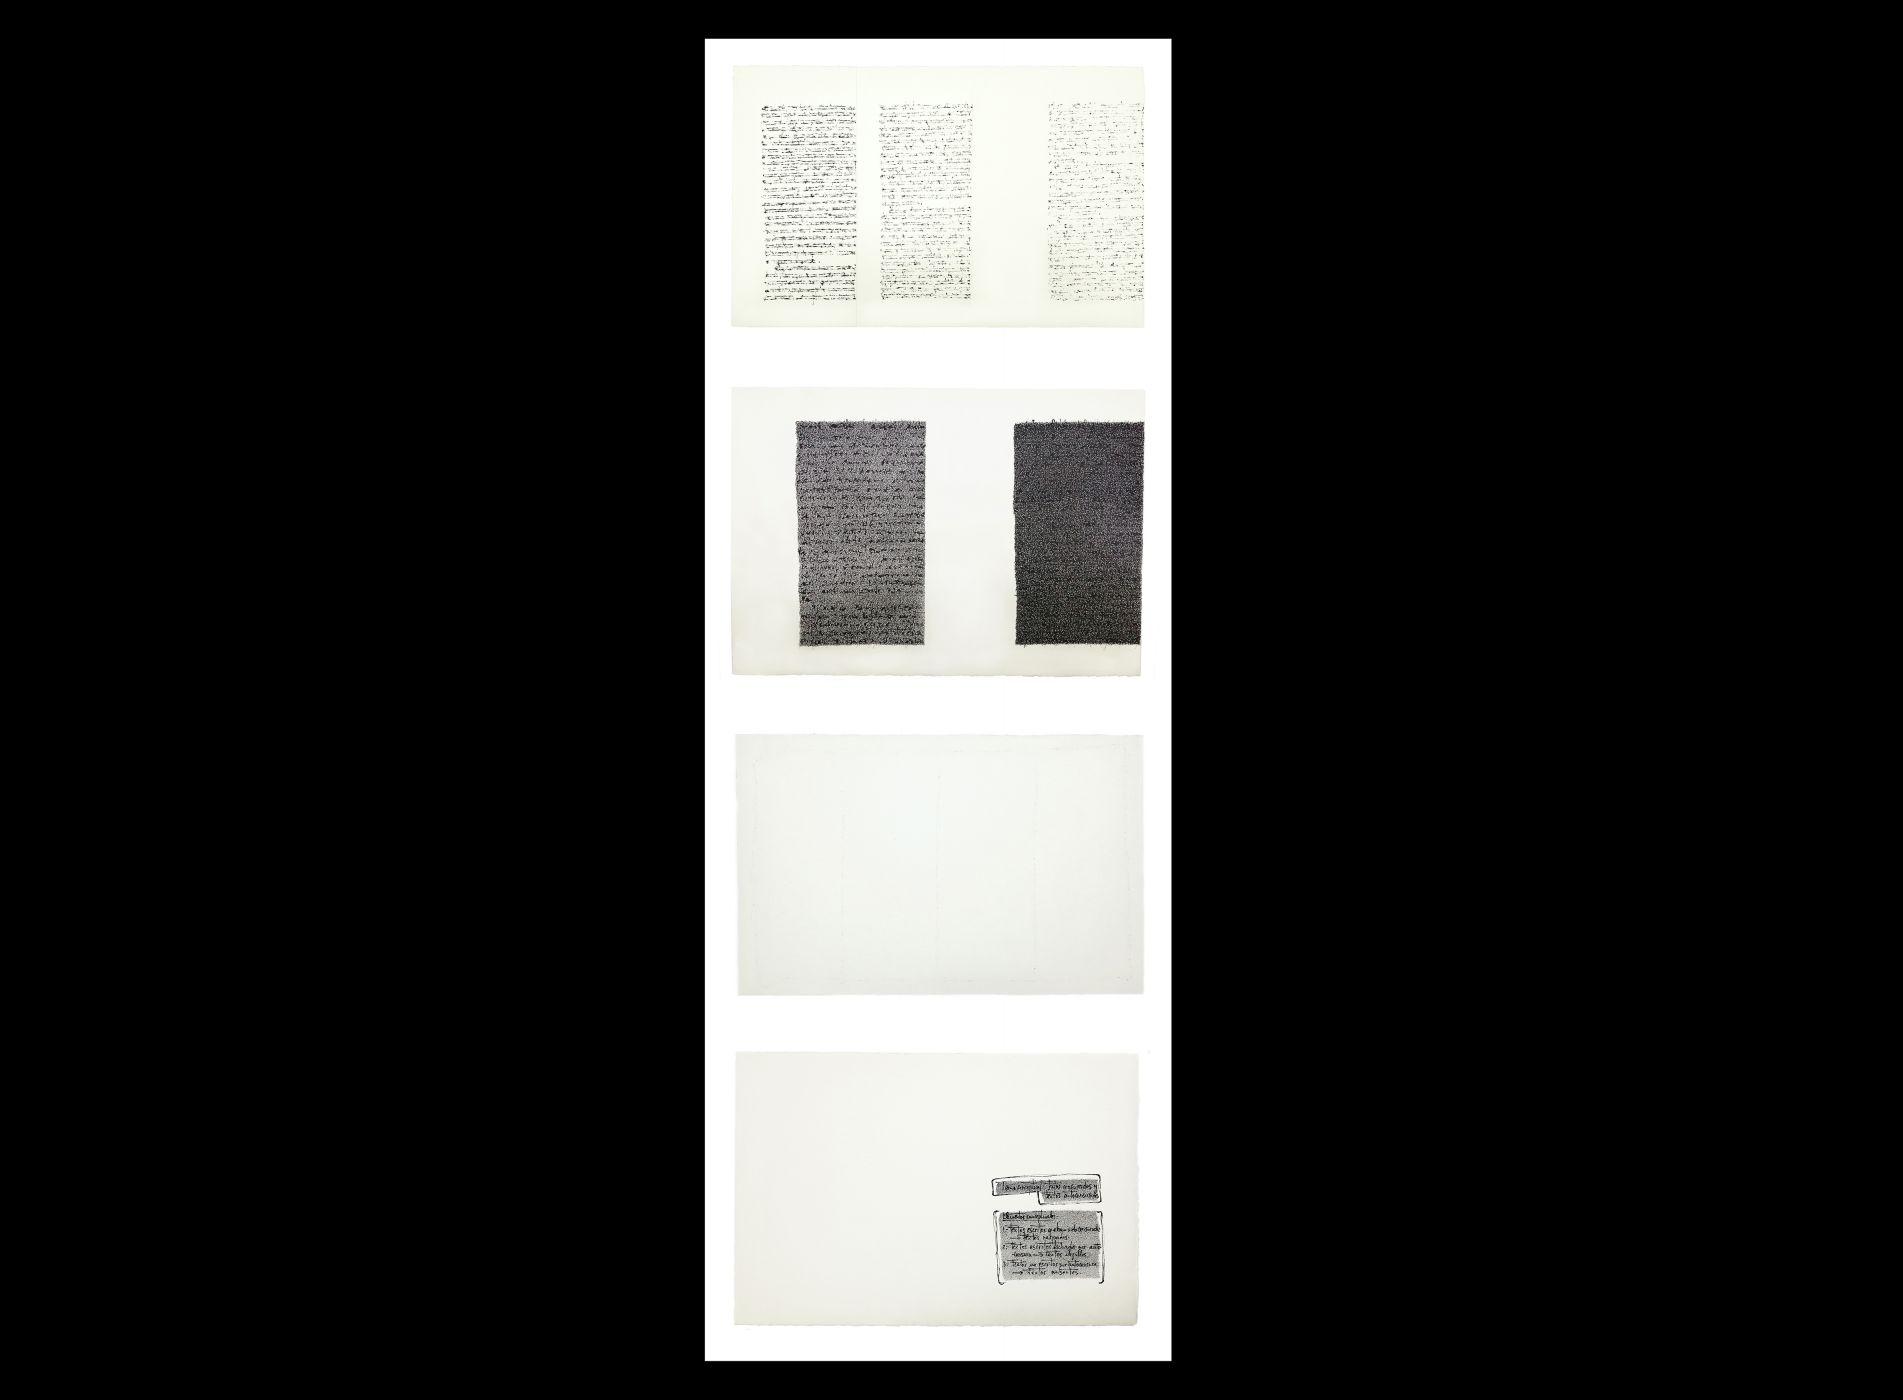 Textos censurados y autocensurados. Cuaderno 2 (1976) - Concha Jerez